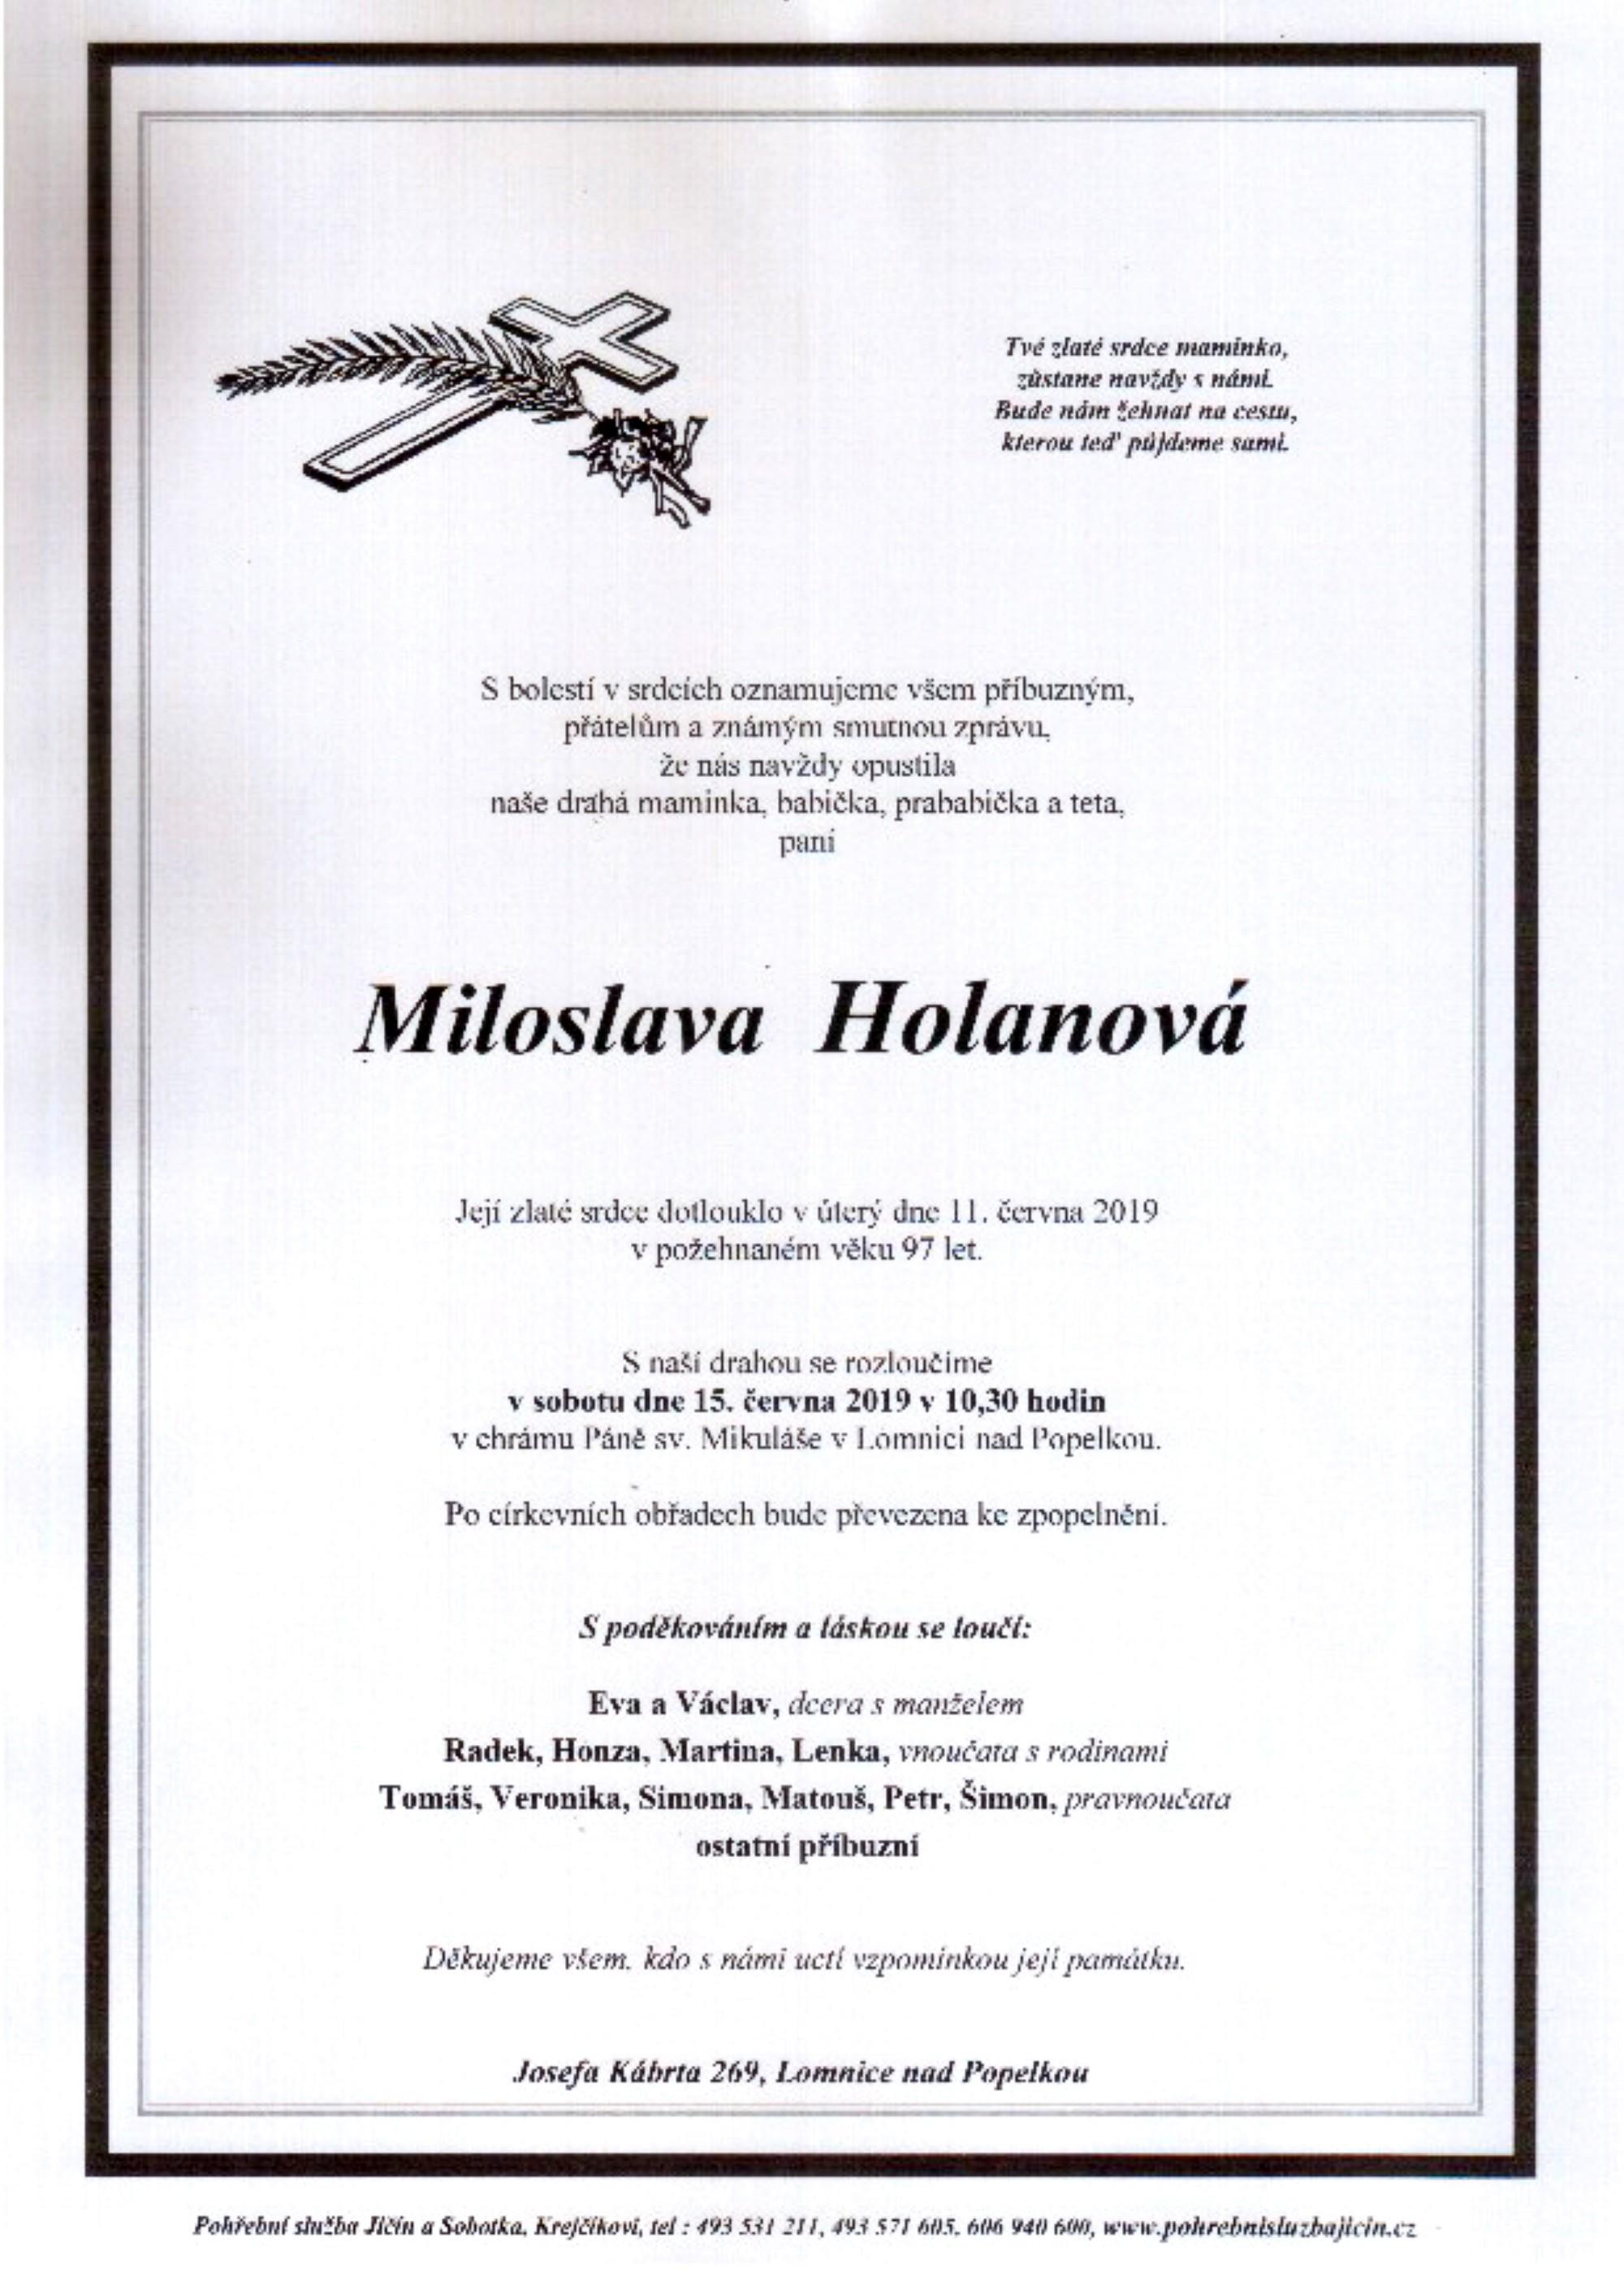 Miloslava Holanová